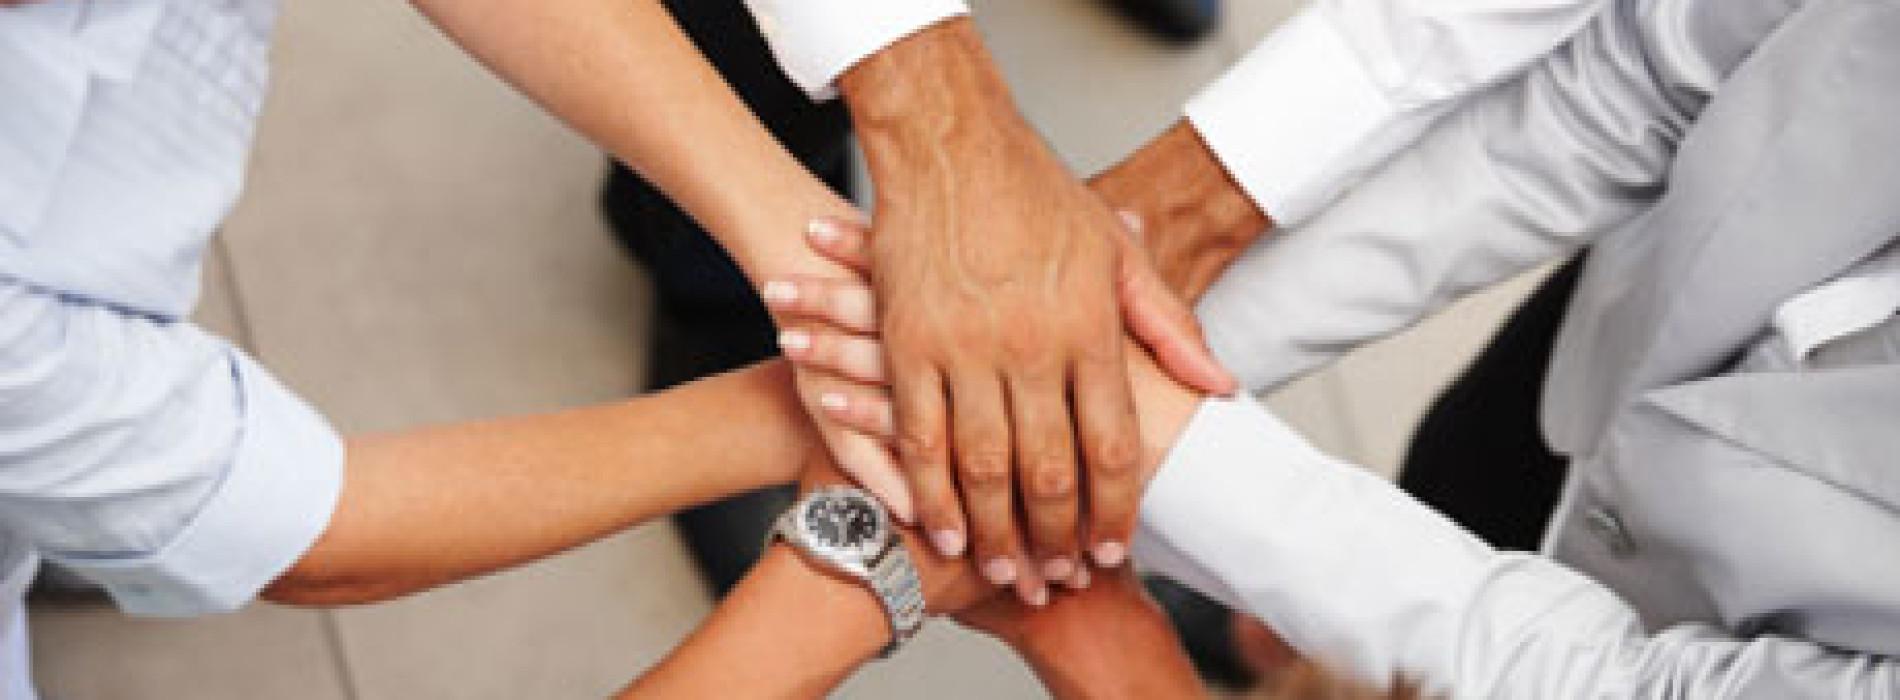 Czy związki zawodowe muszą być akceptowane przez dyrektora?